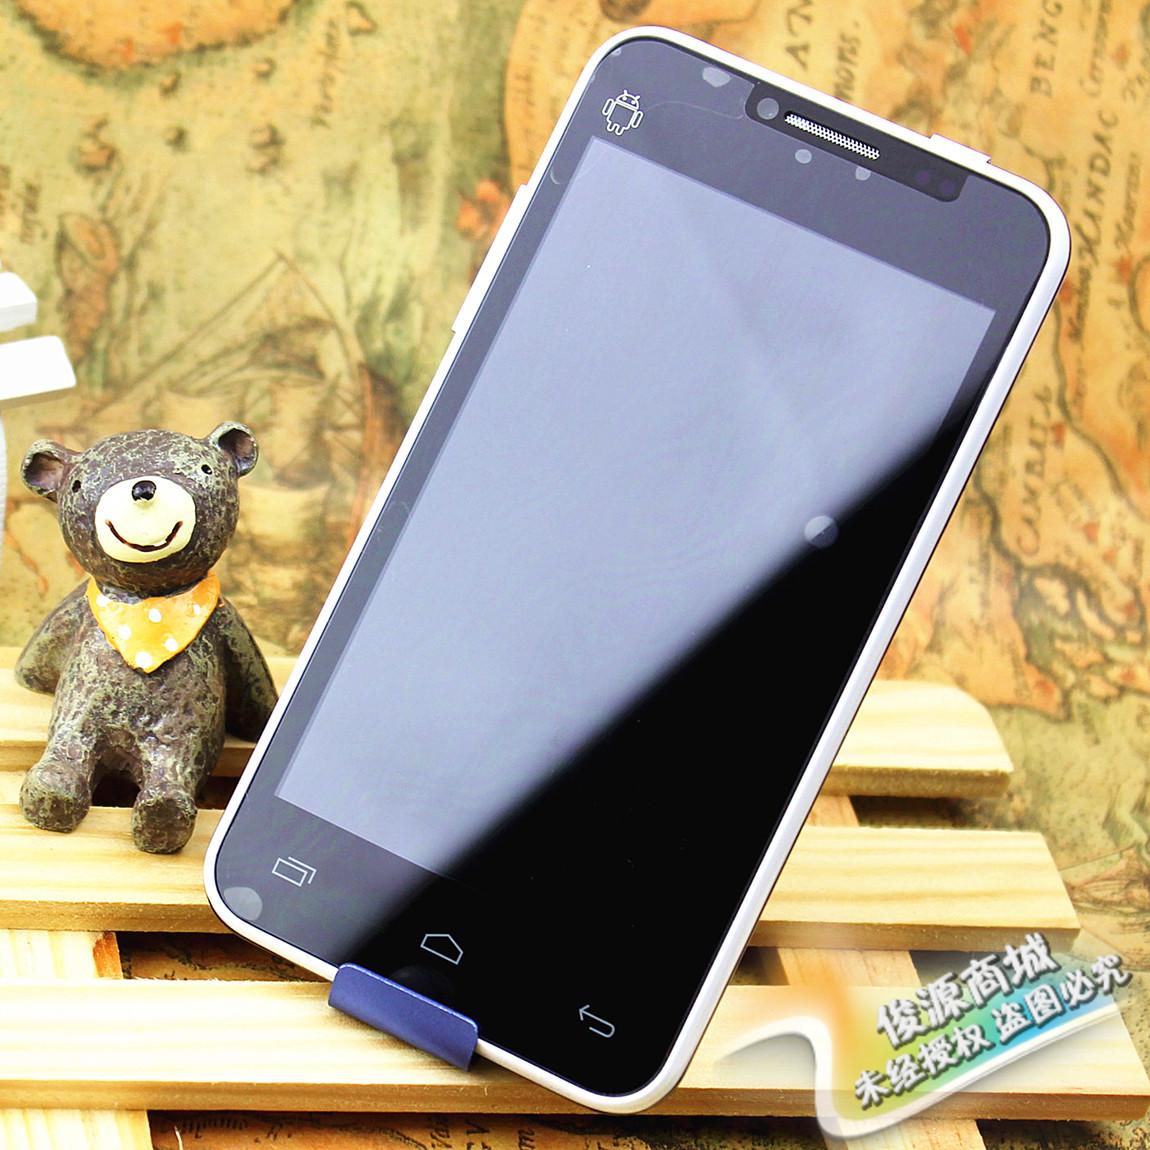 低价双核智能 知己ZG508 4.3寸安卓 无线WIFI 正品行货手机 QQ 价格:280.00